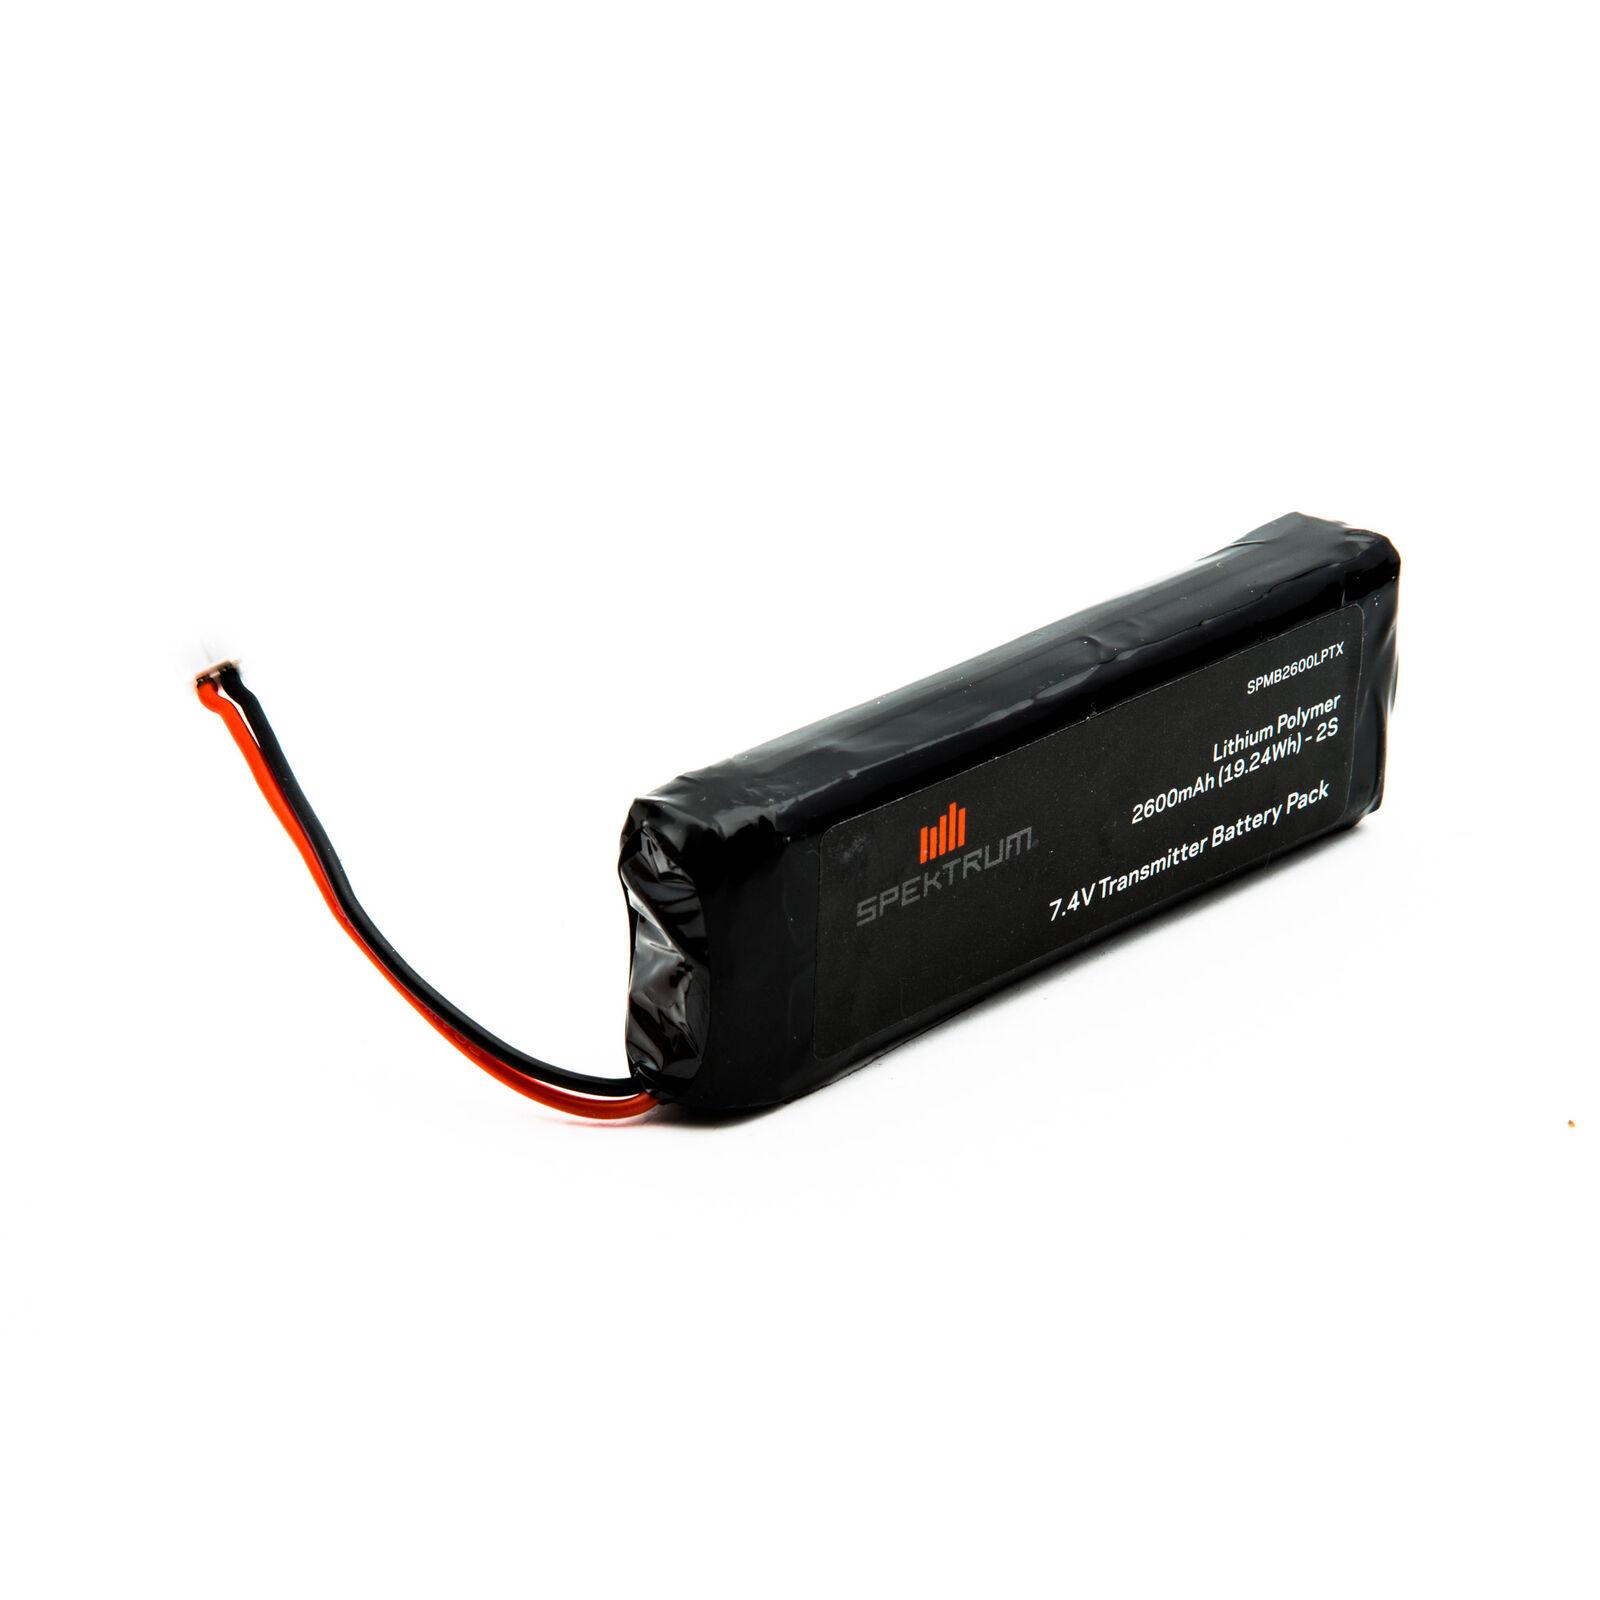 7.4V 2600mAh 2S LiPo Transmitter Battery: DX18